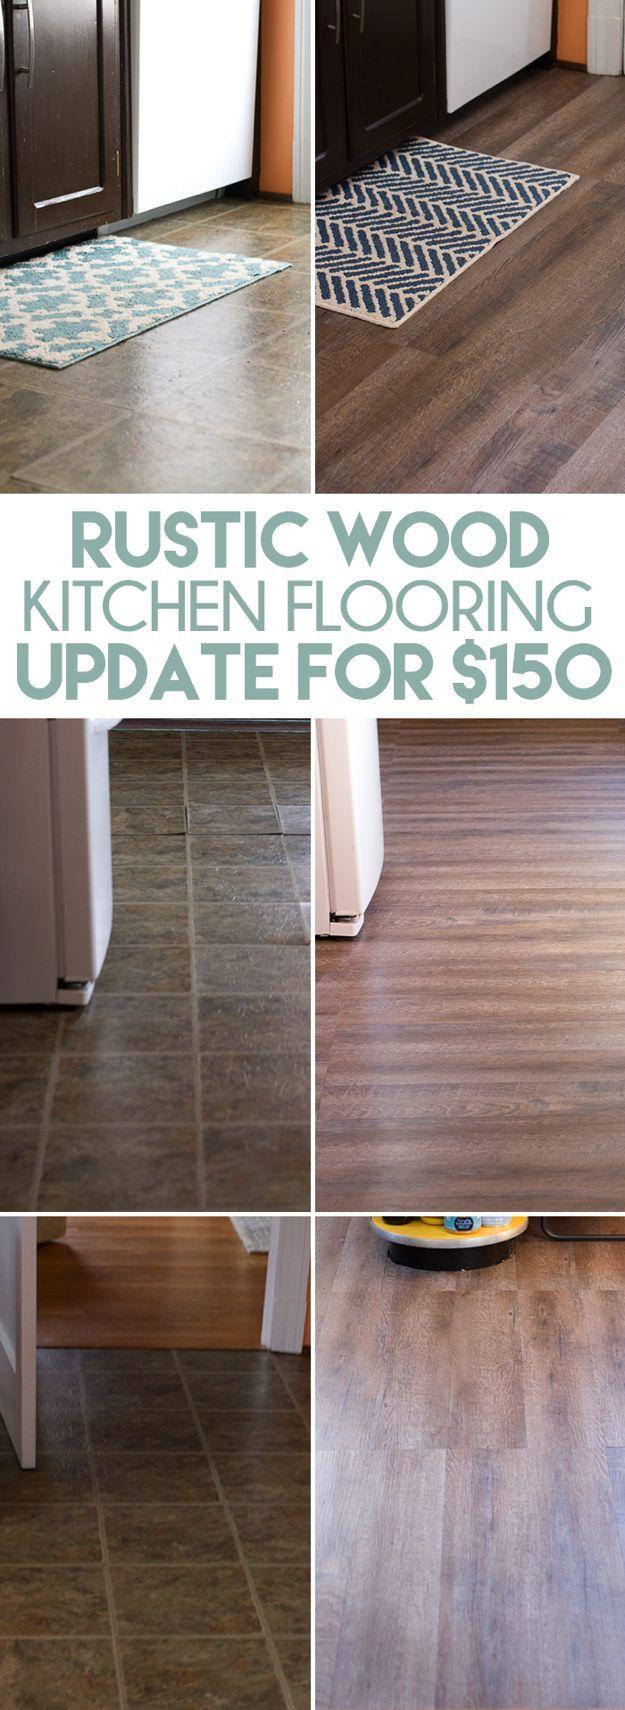 Billig Küche Bodenbelag | Küche | Pinterest | Küchen bodenbelag ...